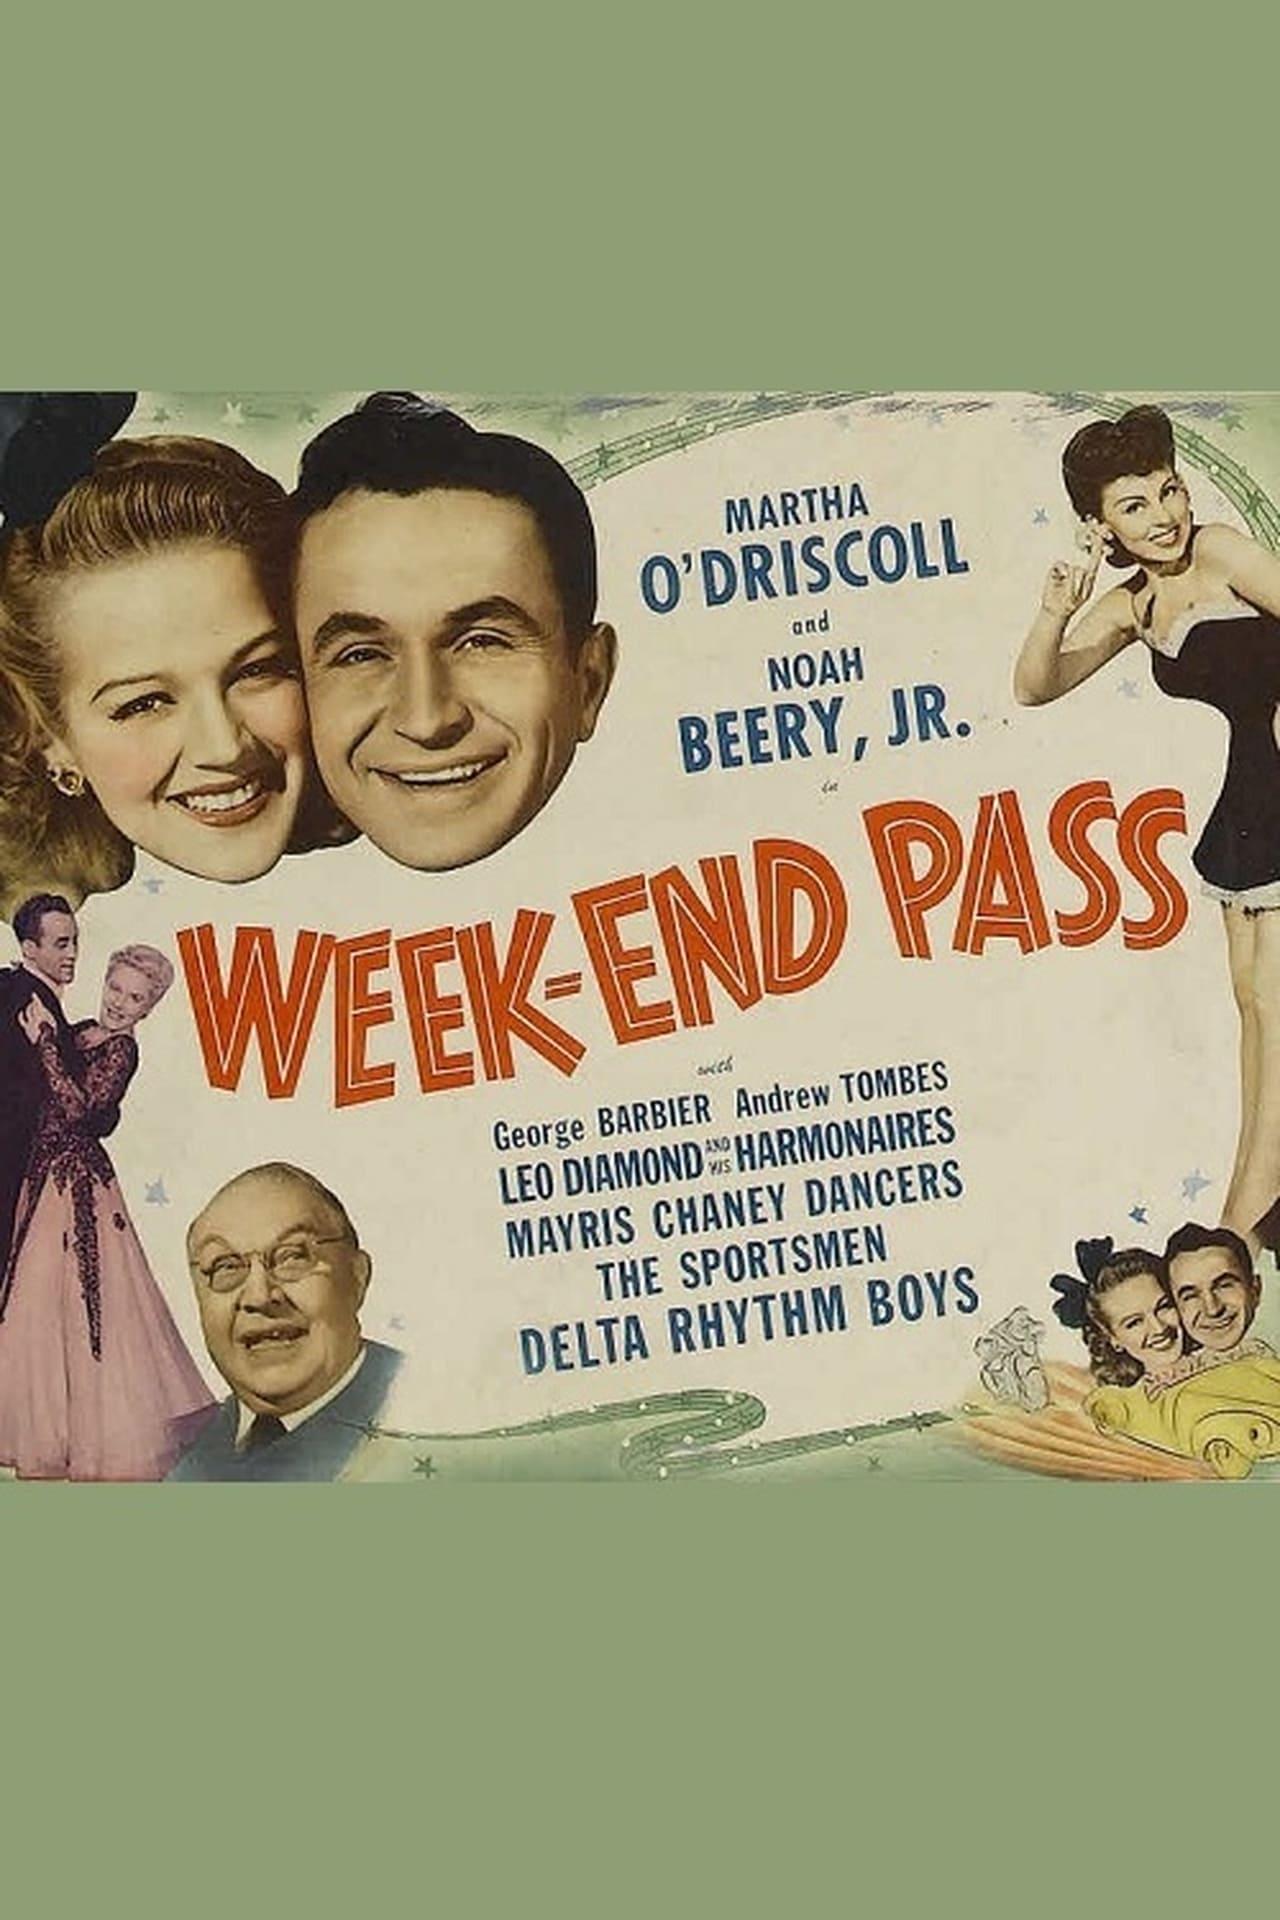 Week-End Pass